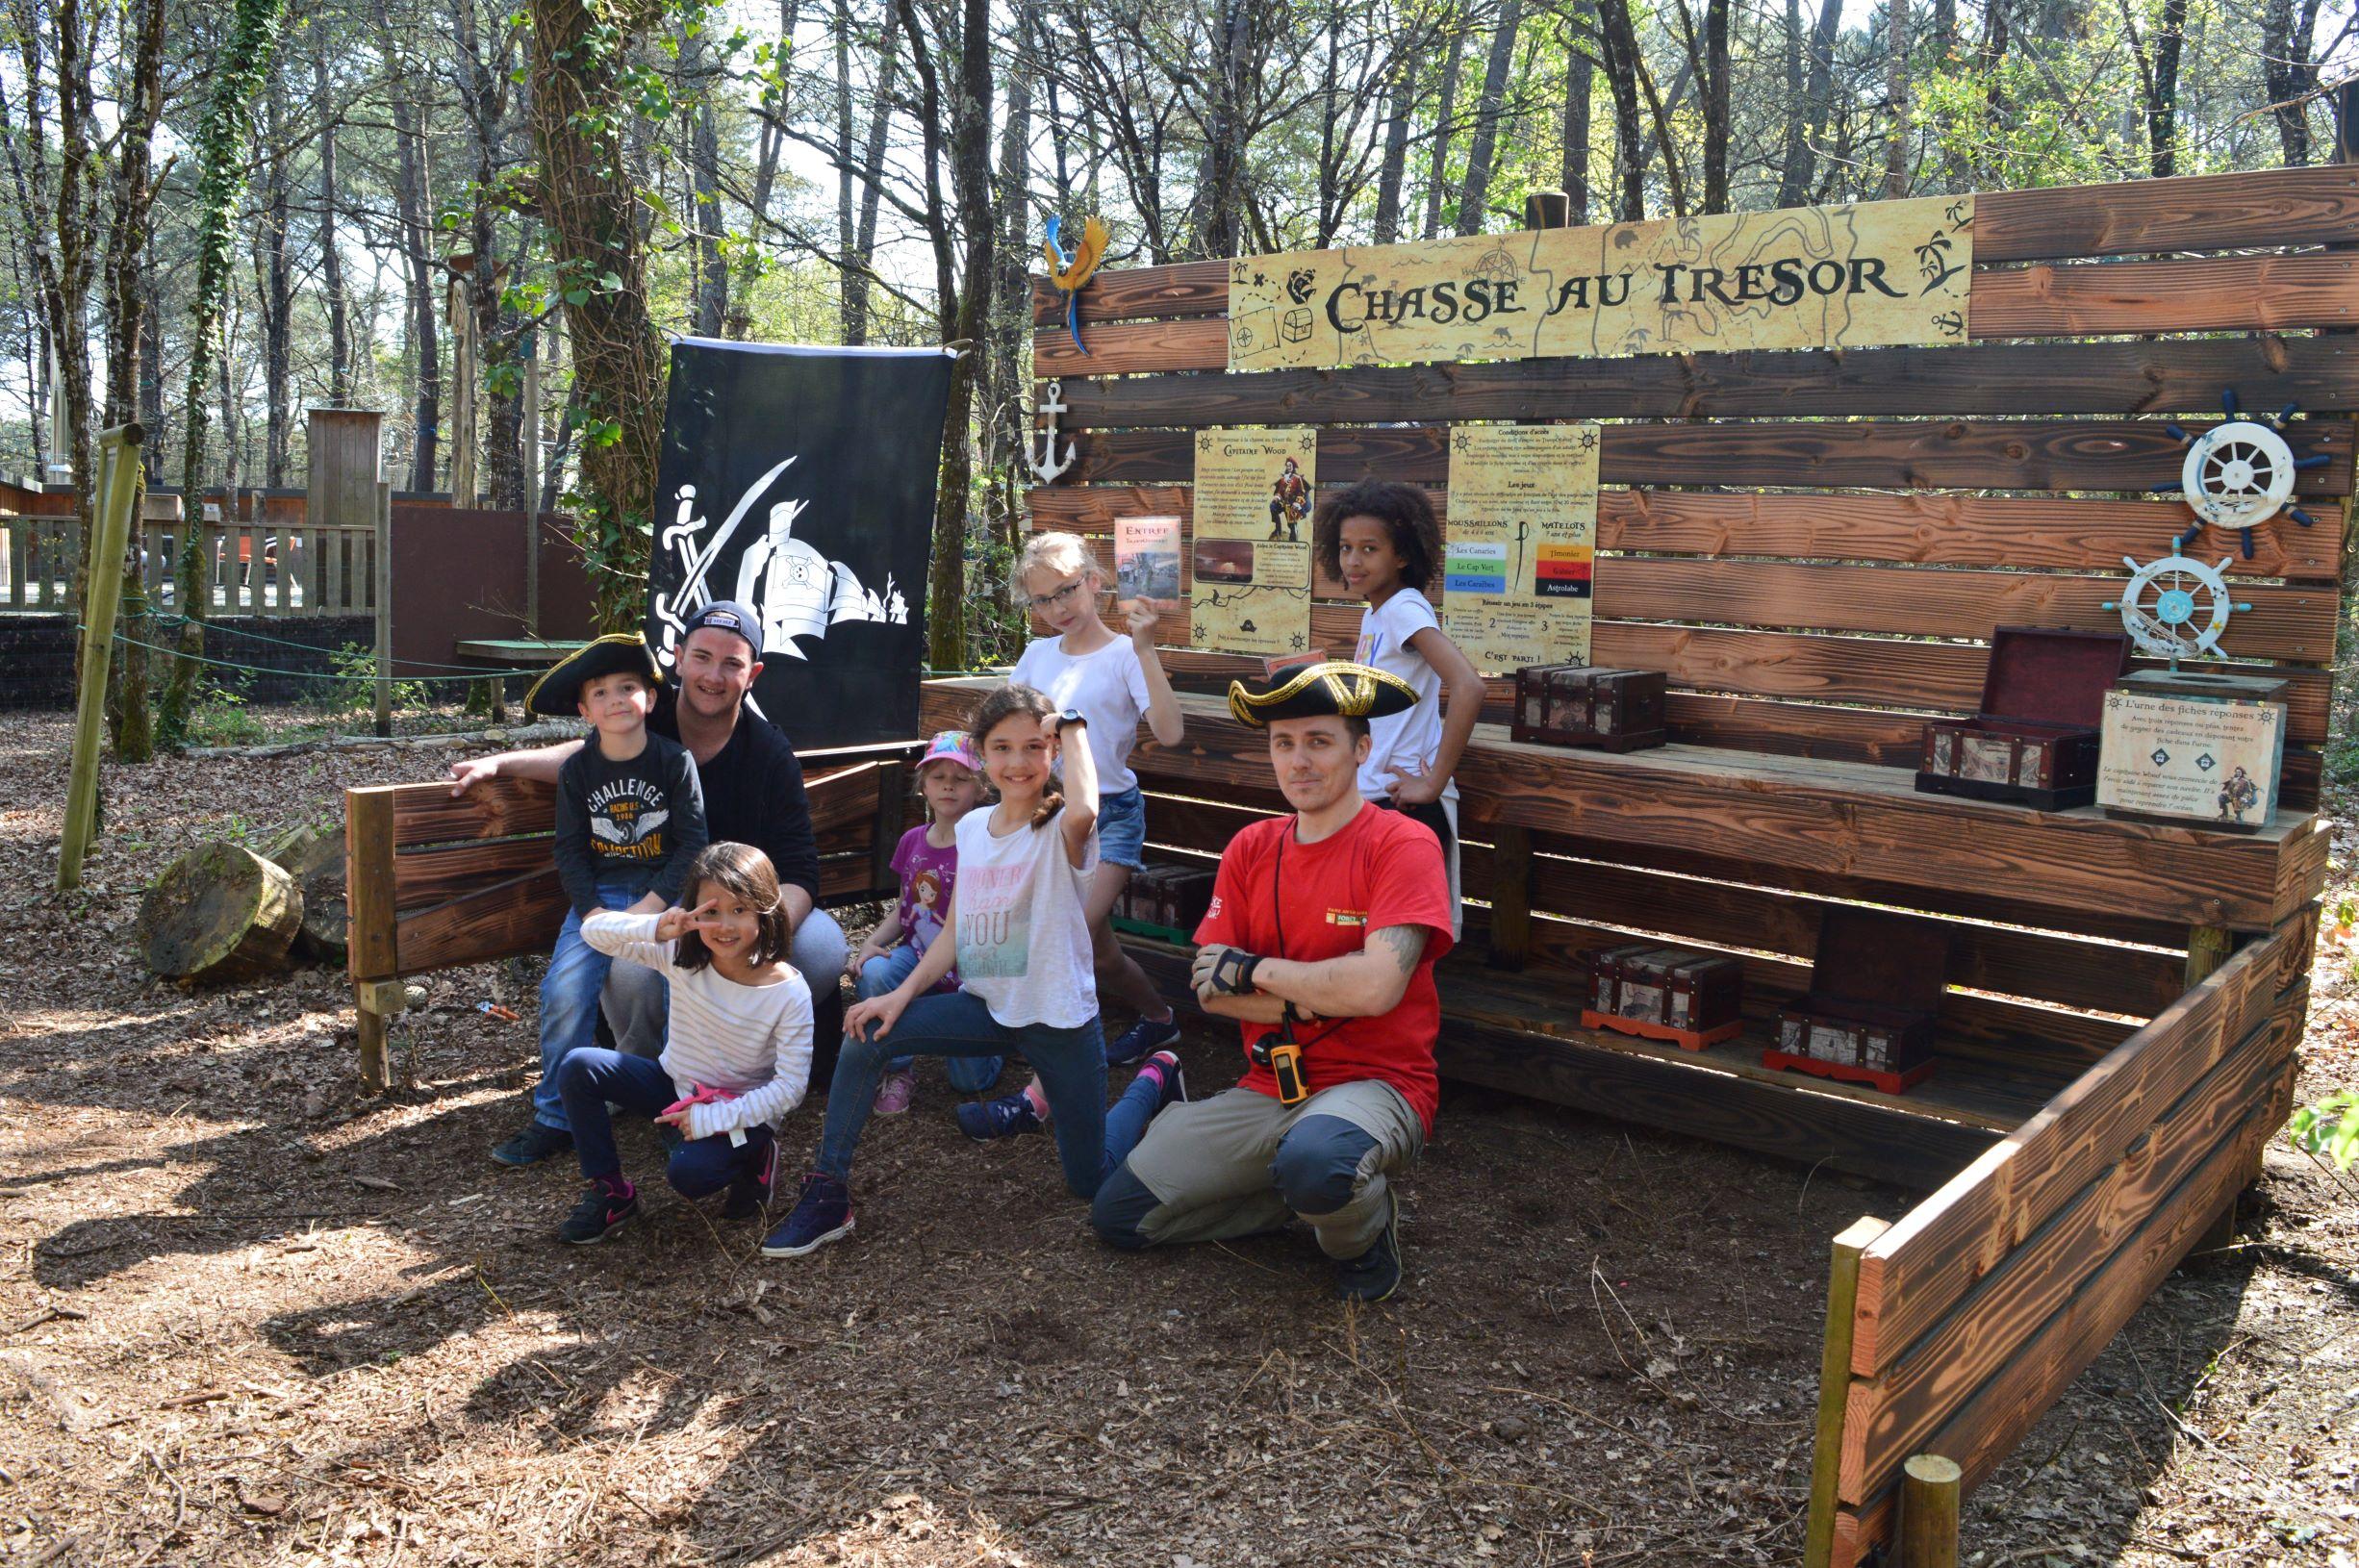 Forêt Adrénaline Carnac_ Chasse au trésor_découverte